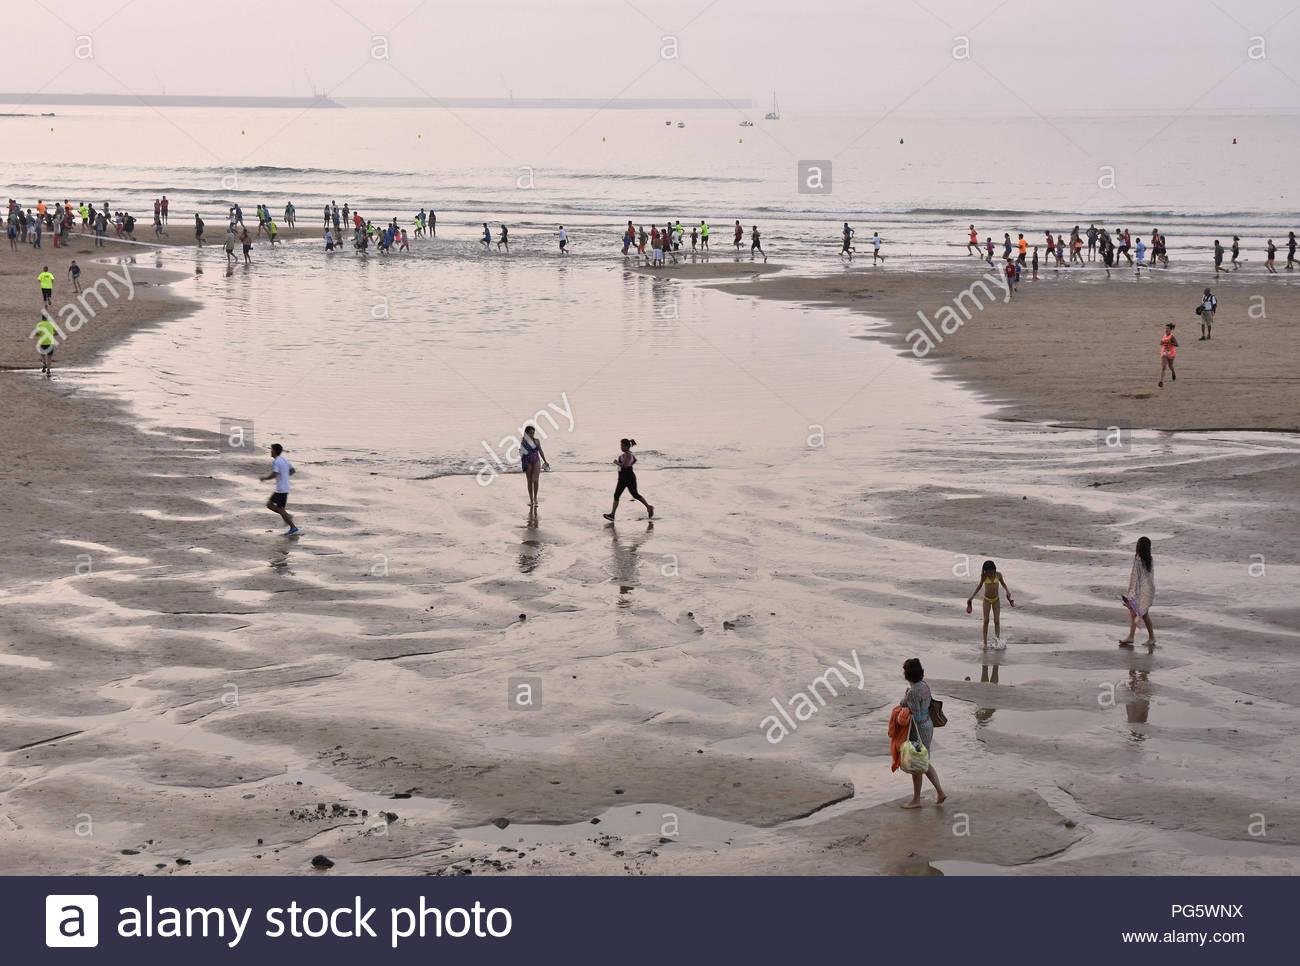 People evening leisure activities misty Atlantic coast. Gijon Asturias Northern Spain Europe. - Stock Image